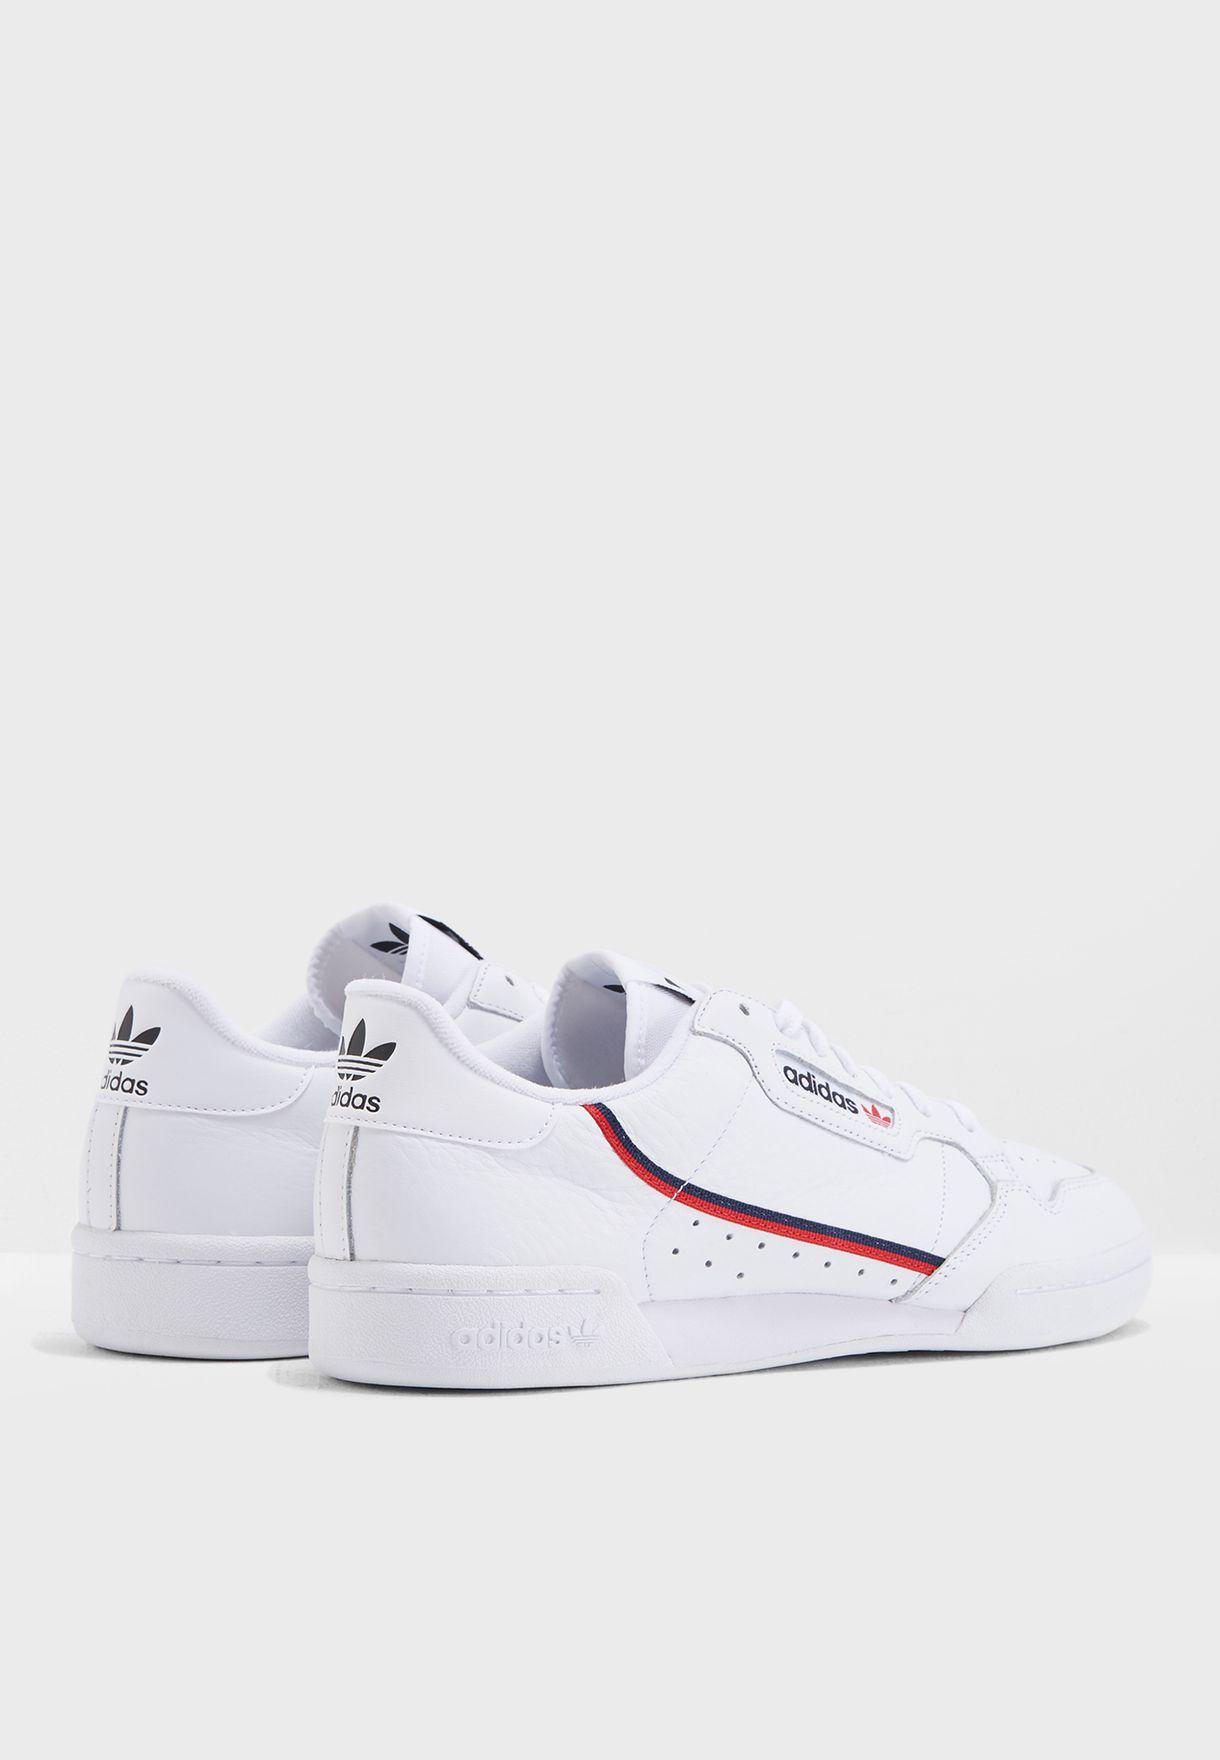 new arrival 4ea9e 1f6a9 adidas Originals. Continental 80